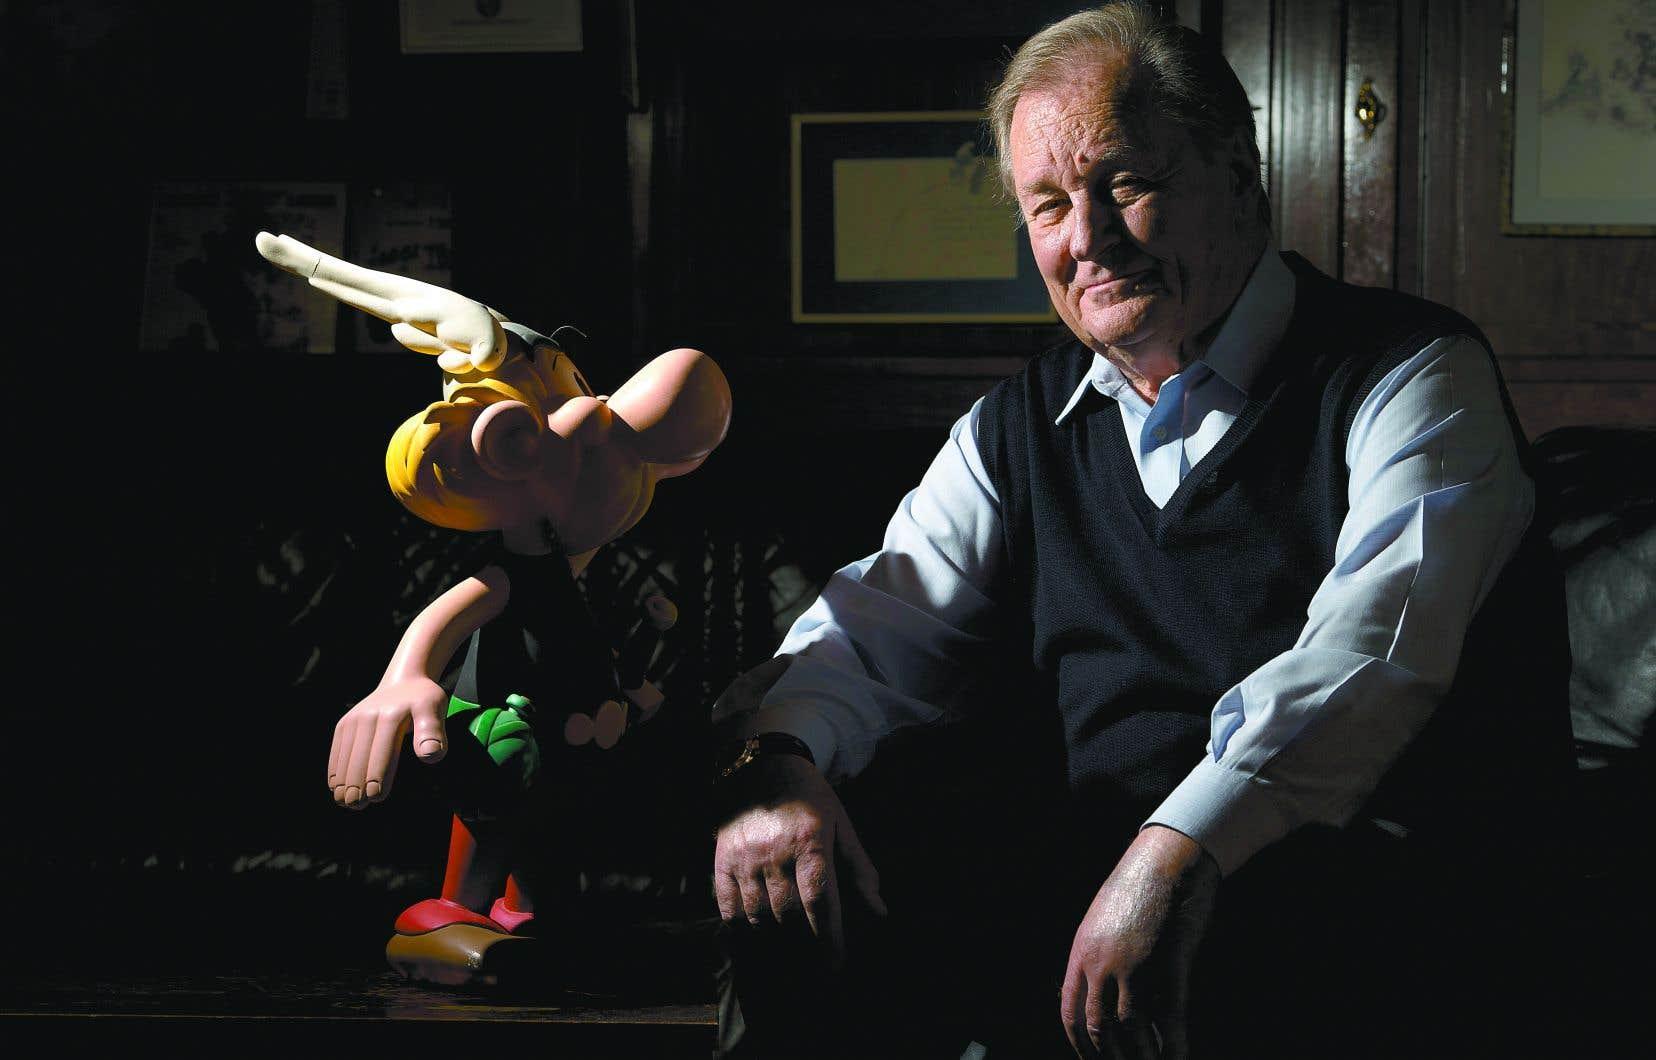 La carrière du dessinateur d'Astérix et Obélix, Albert Uderzo, a pris son envol en 1950, peu de temps avant qu'il ne rencontre son complice René Goscinny.